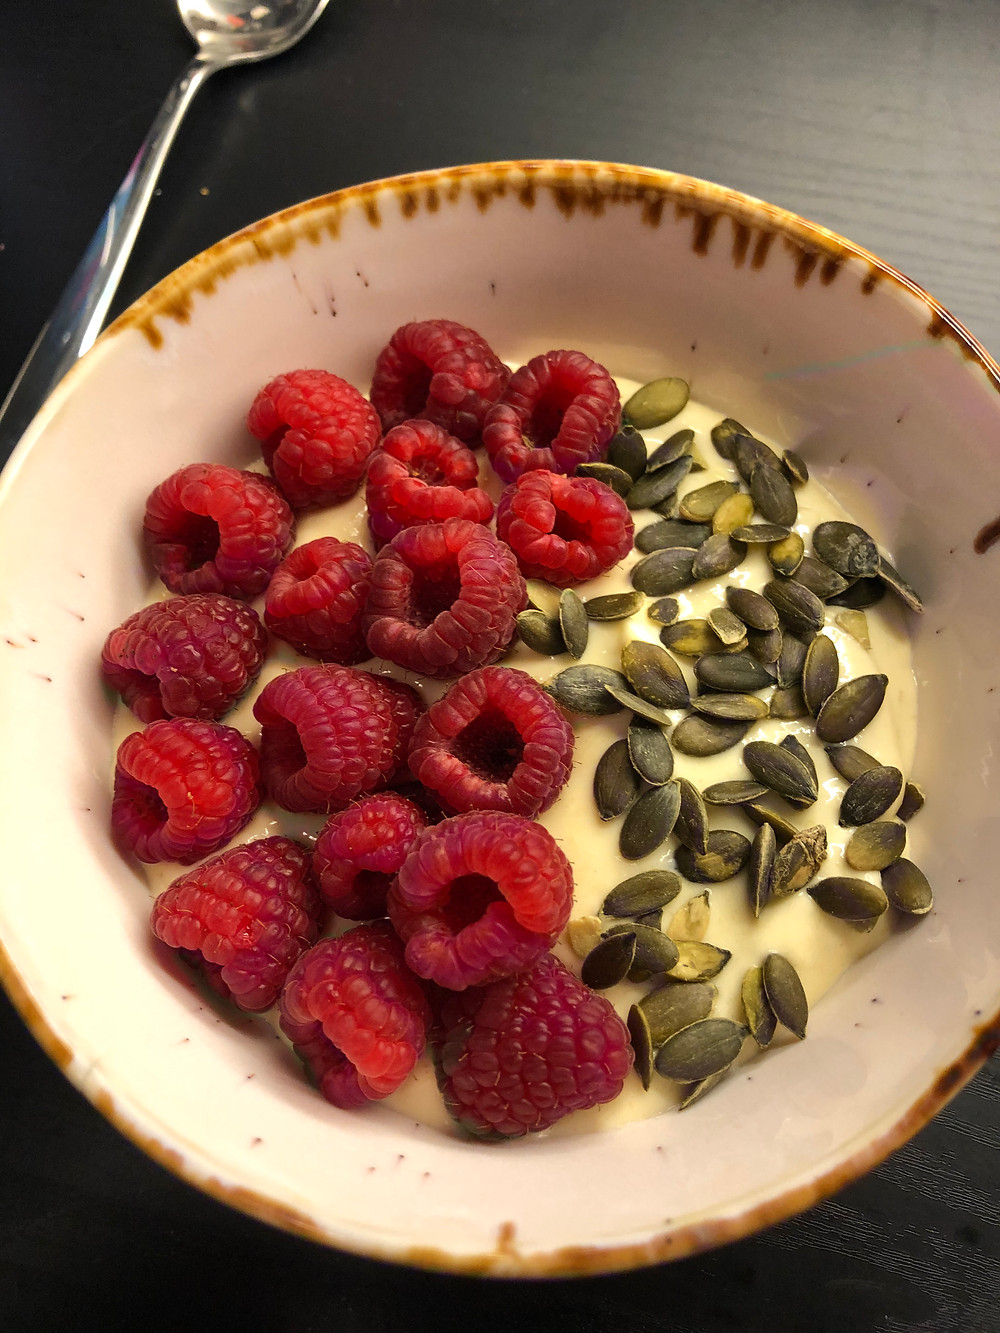 Mango med naturell yoghurt, banan og bodylab whey 100 mango passion. Toppet med bringebær og gresskarkjerner.